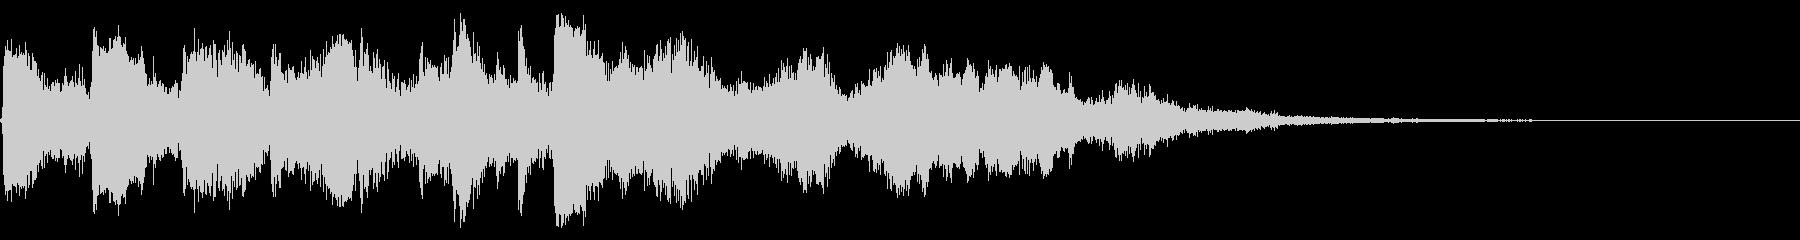 ドラムとエレピのジャズジングルの未再生の波形